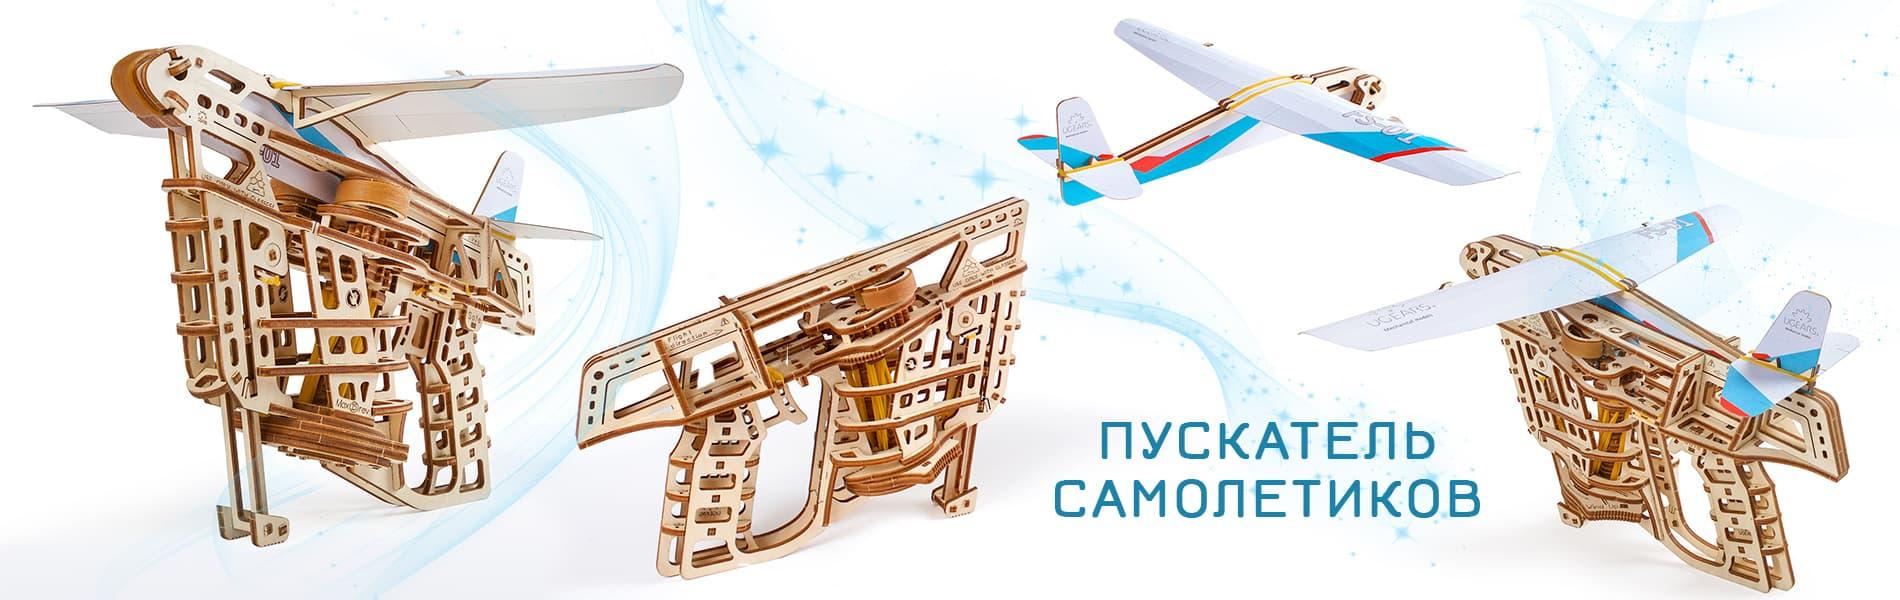 Пускатель самолетиков (Ugears)